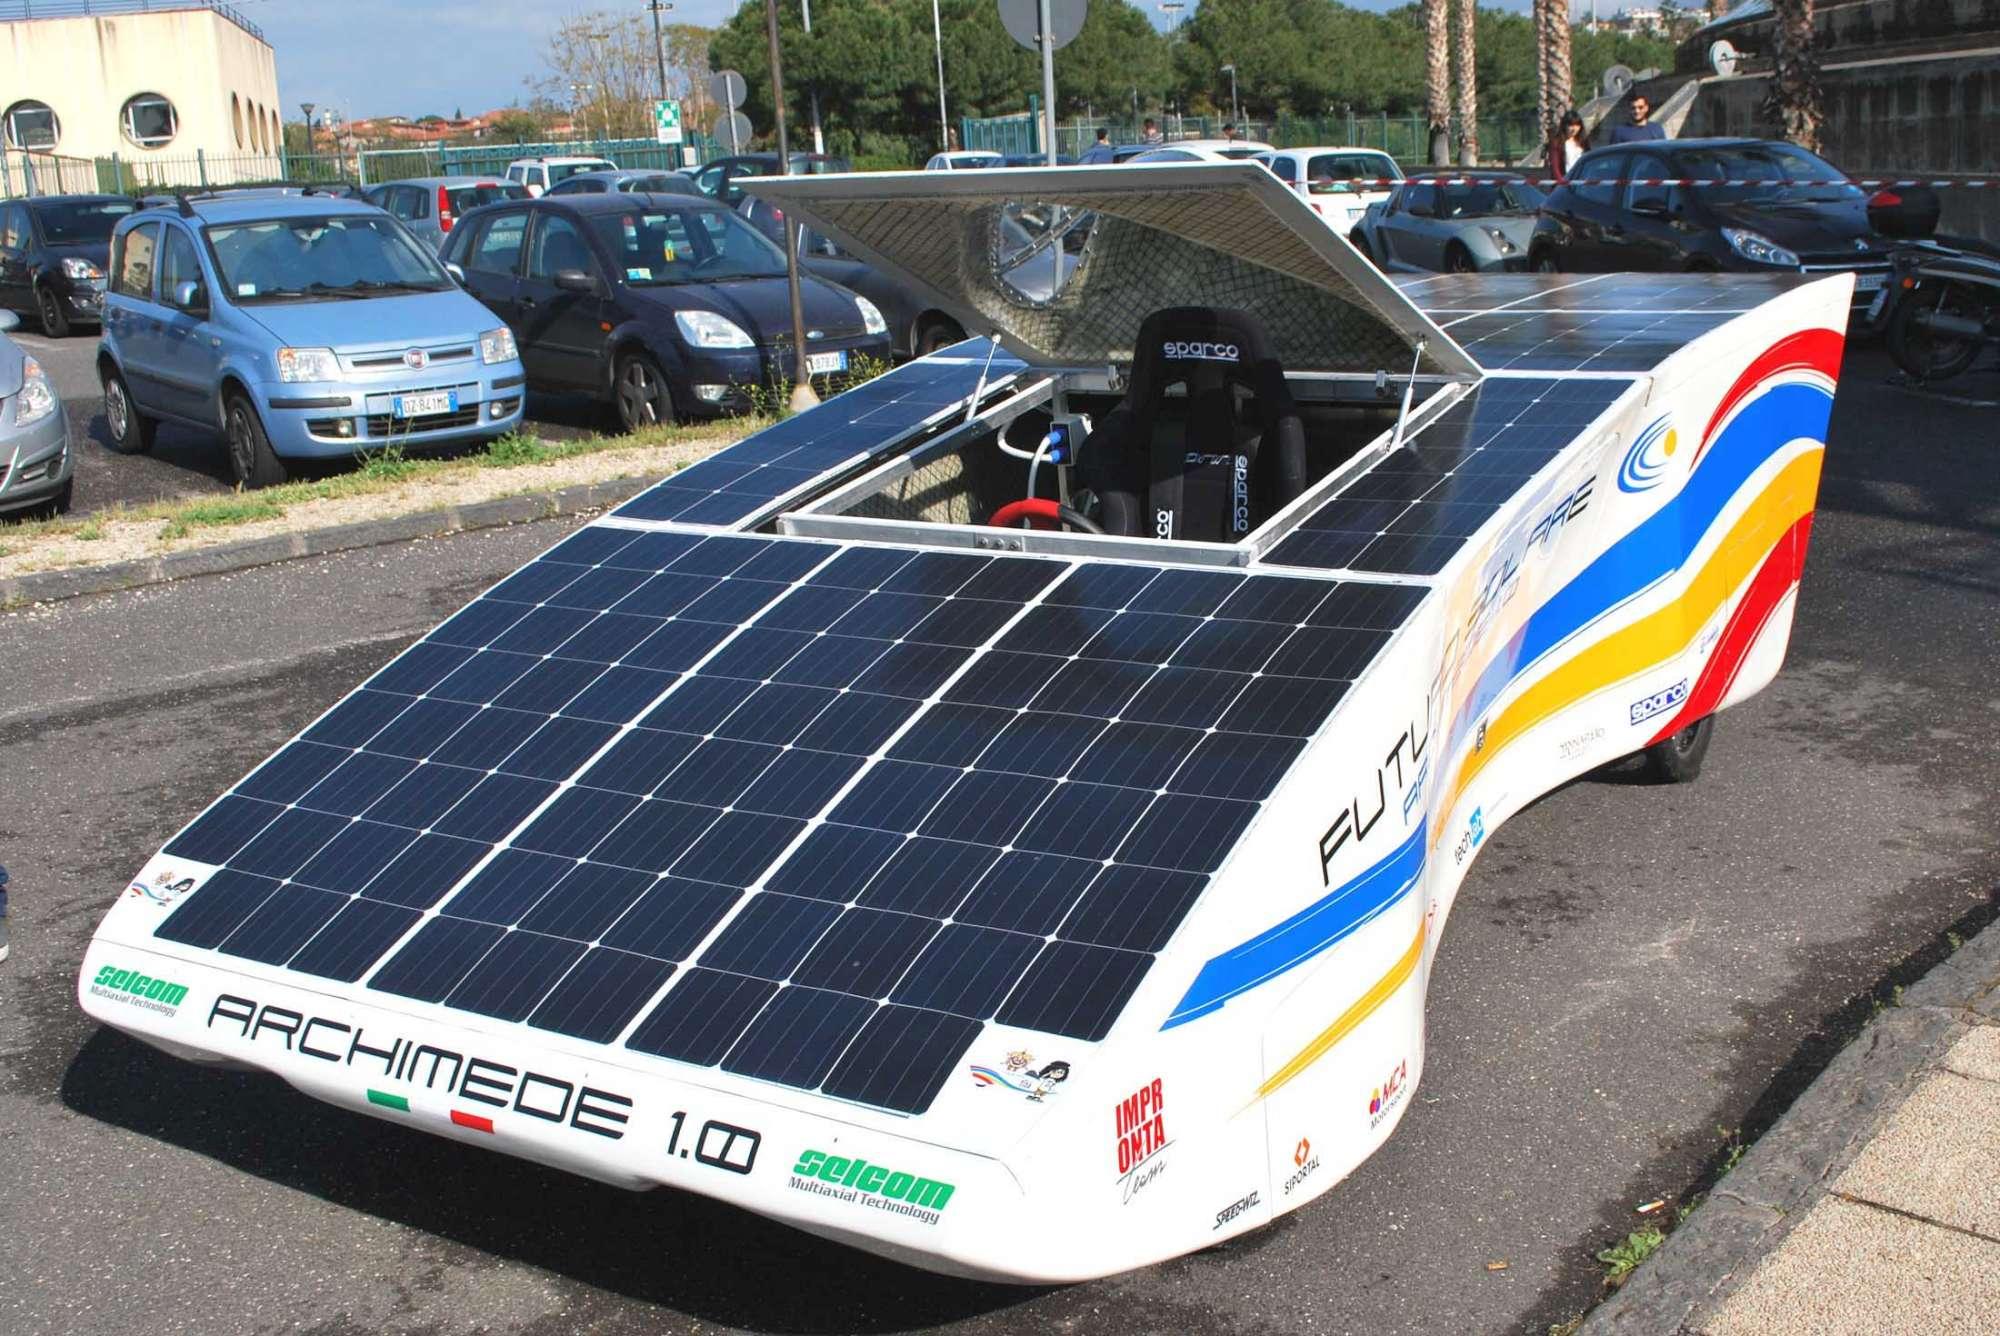 Catania, mobilità ad impatto zero: presentata la prima vettura$